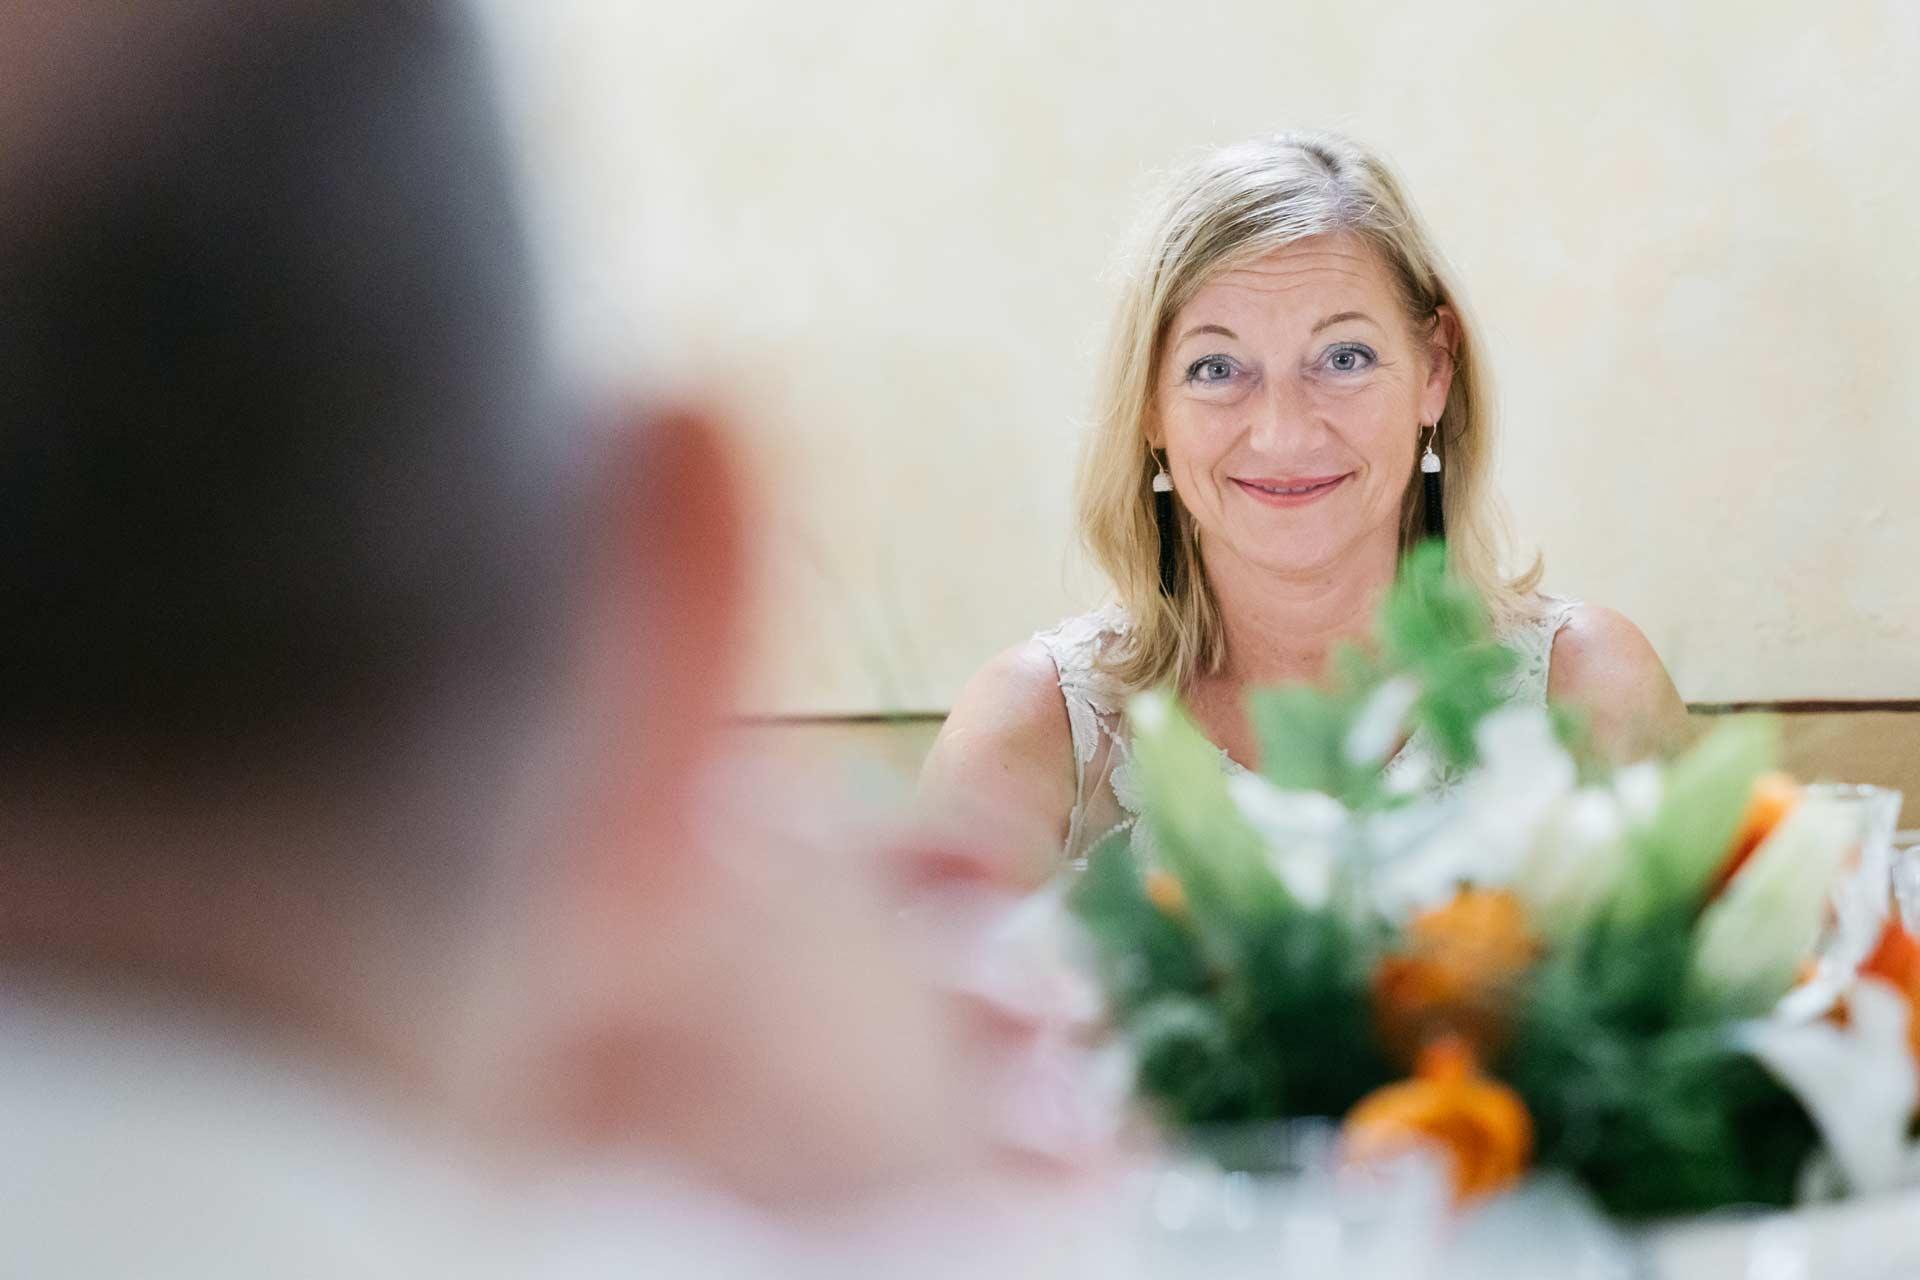 fotografo-matrimonio-reportage-23-C&M